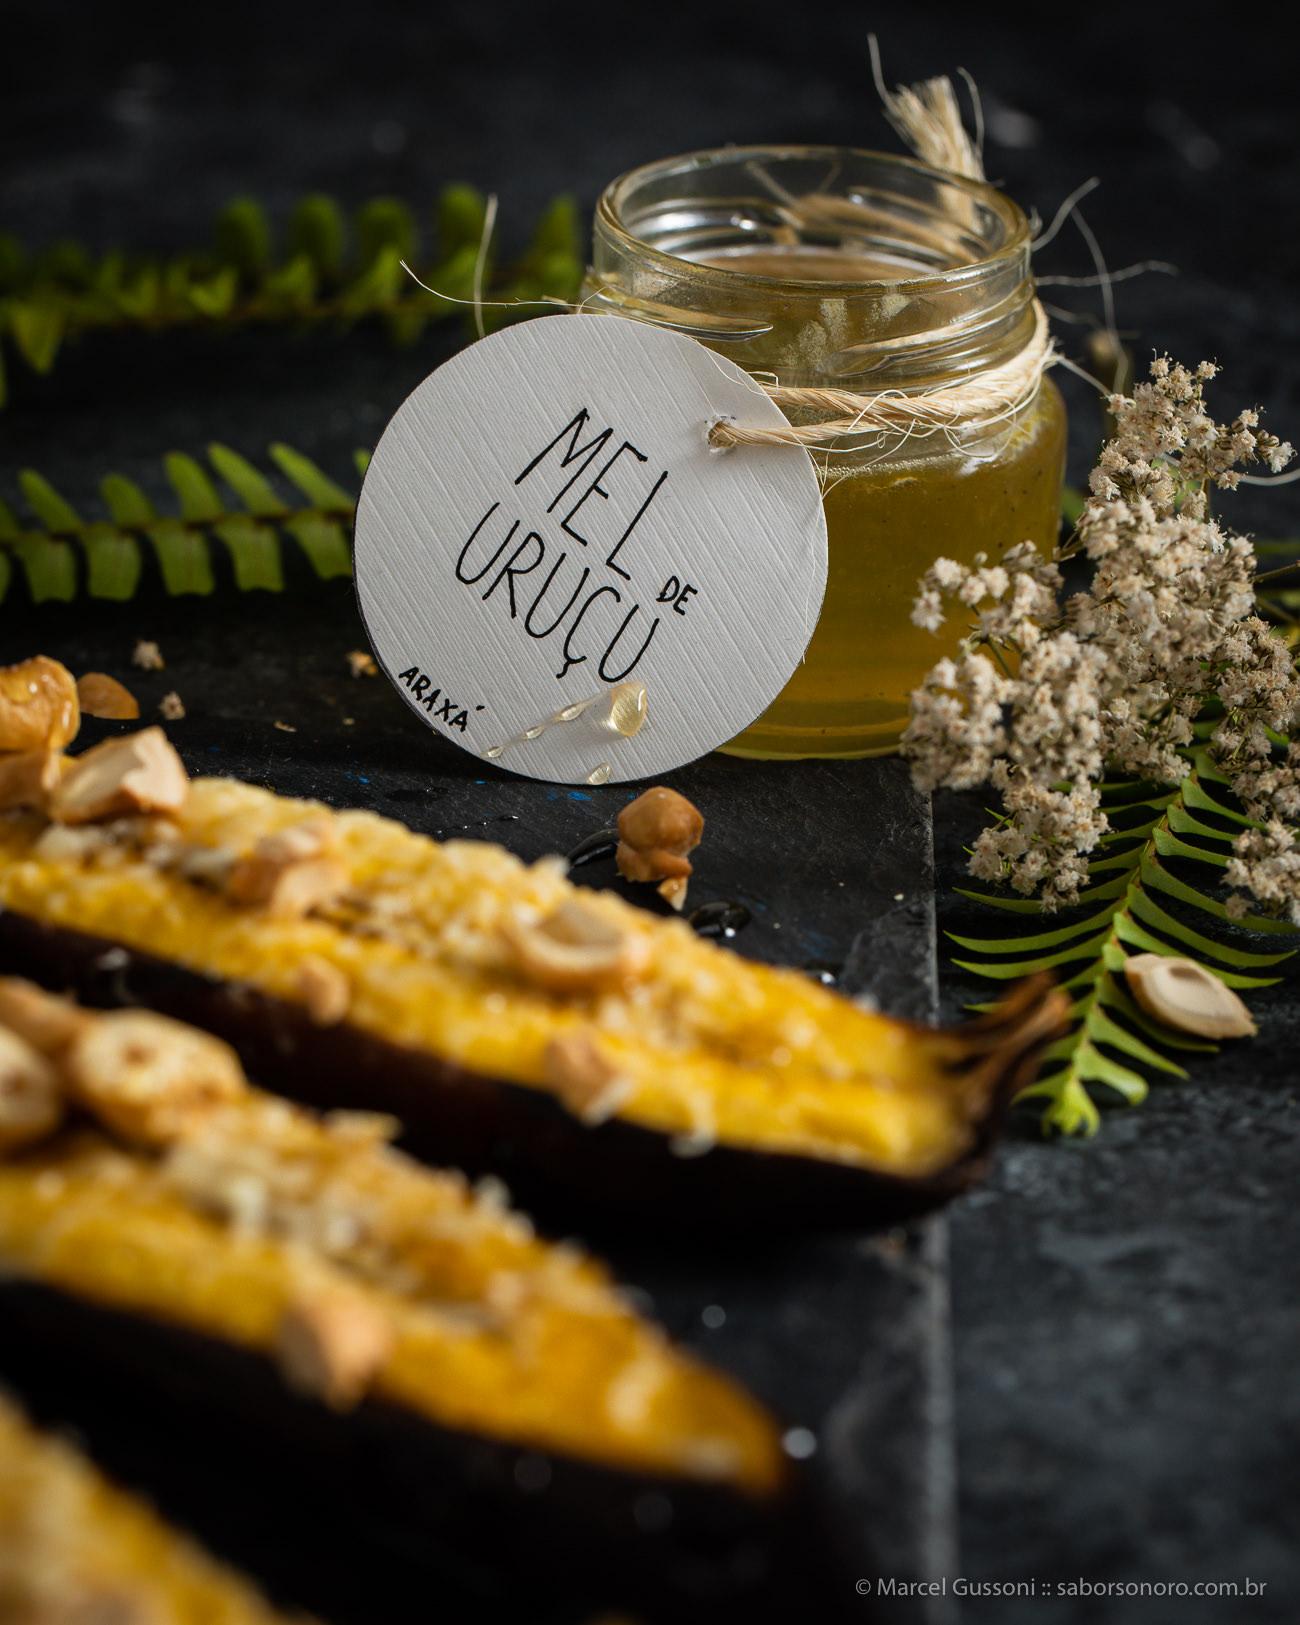 Banana assada com queijo, mel e castanha